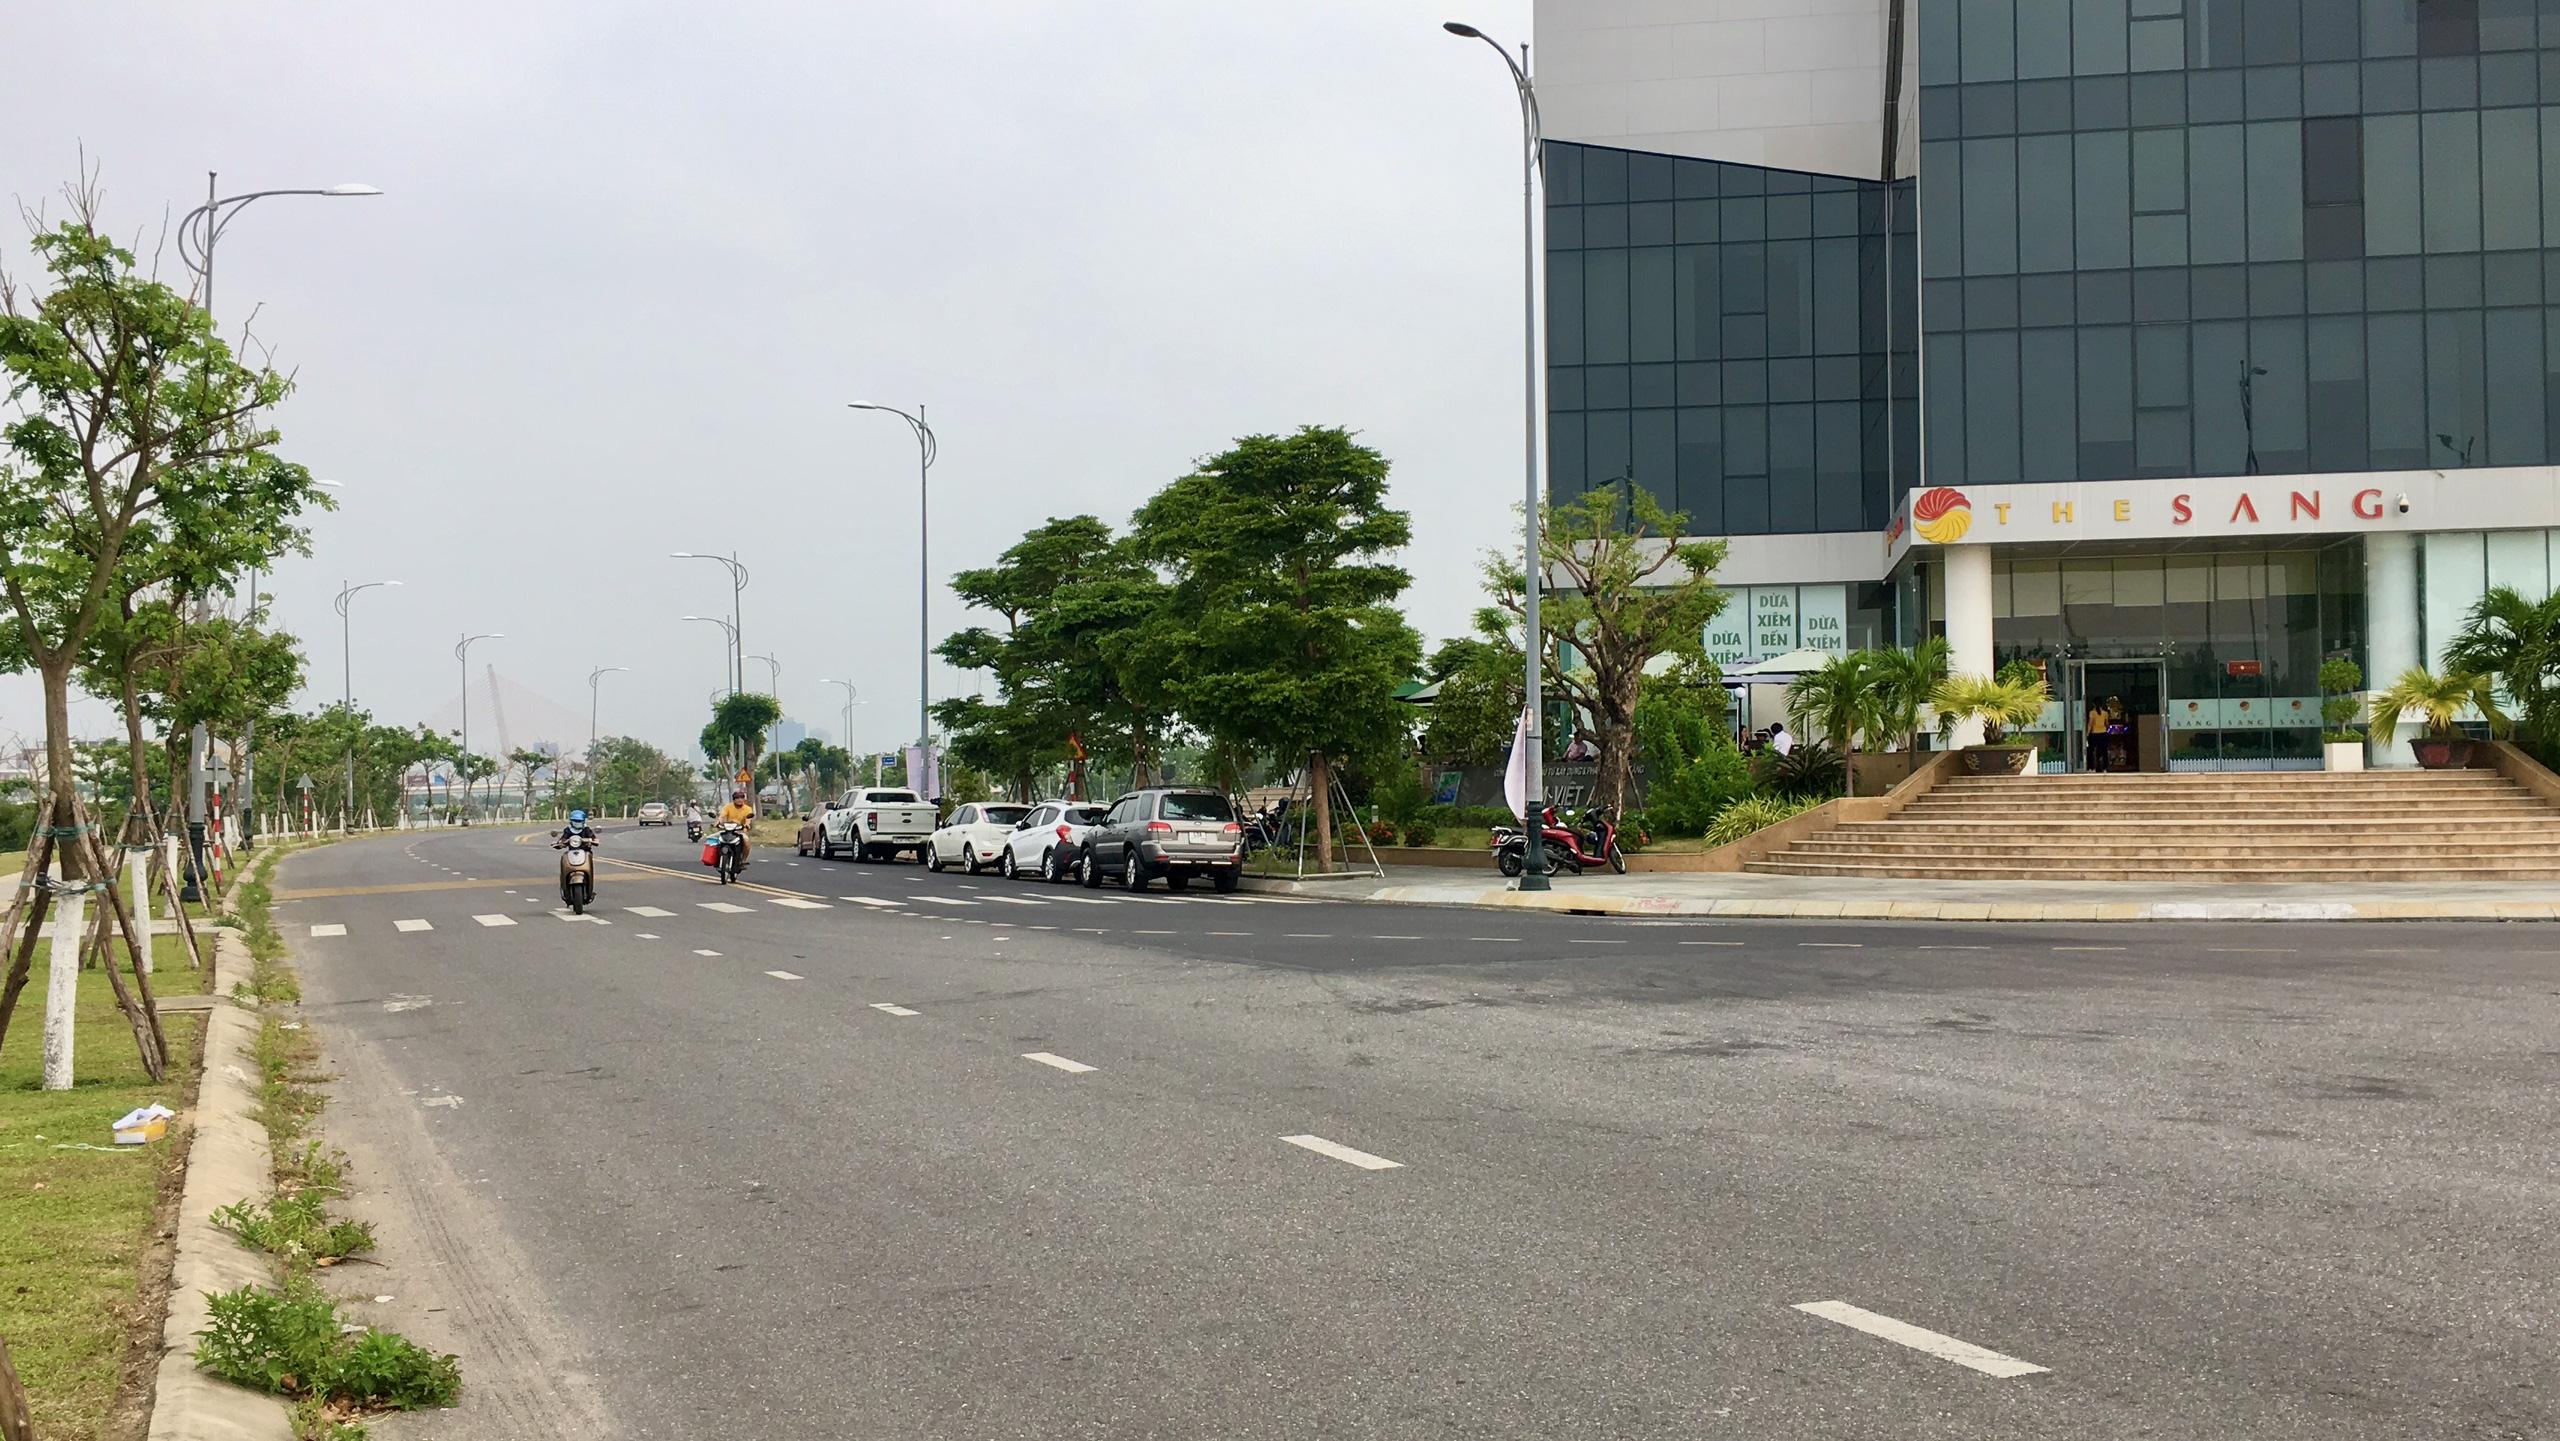 Cận cảnh nơi Đà Nẵng quy hoạch đến 2030 sẽ làm cầu từ đường Bùi Tá Hán qua Hòa Xuân - Ảnh 16.